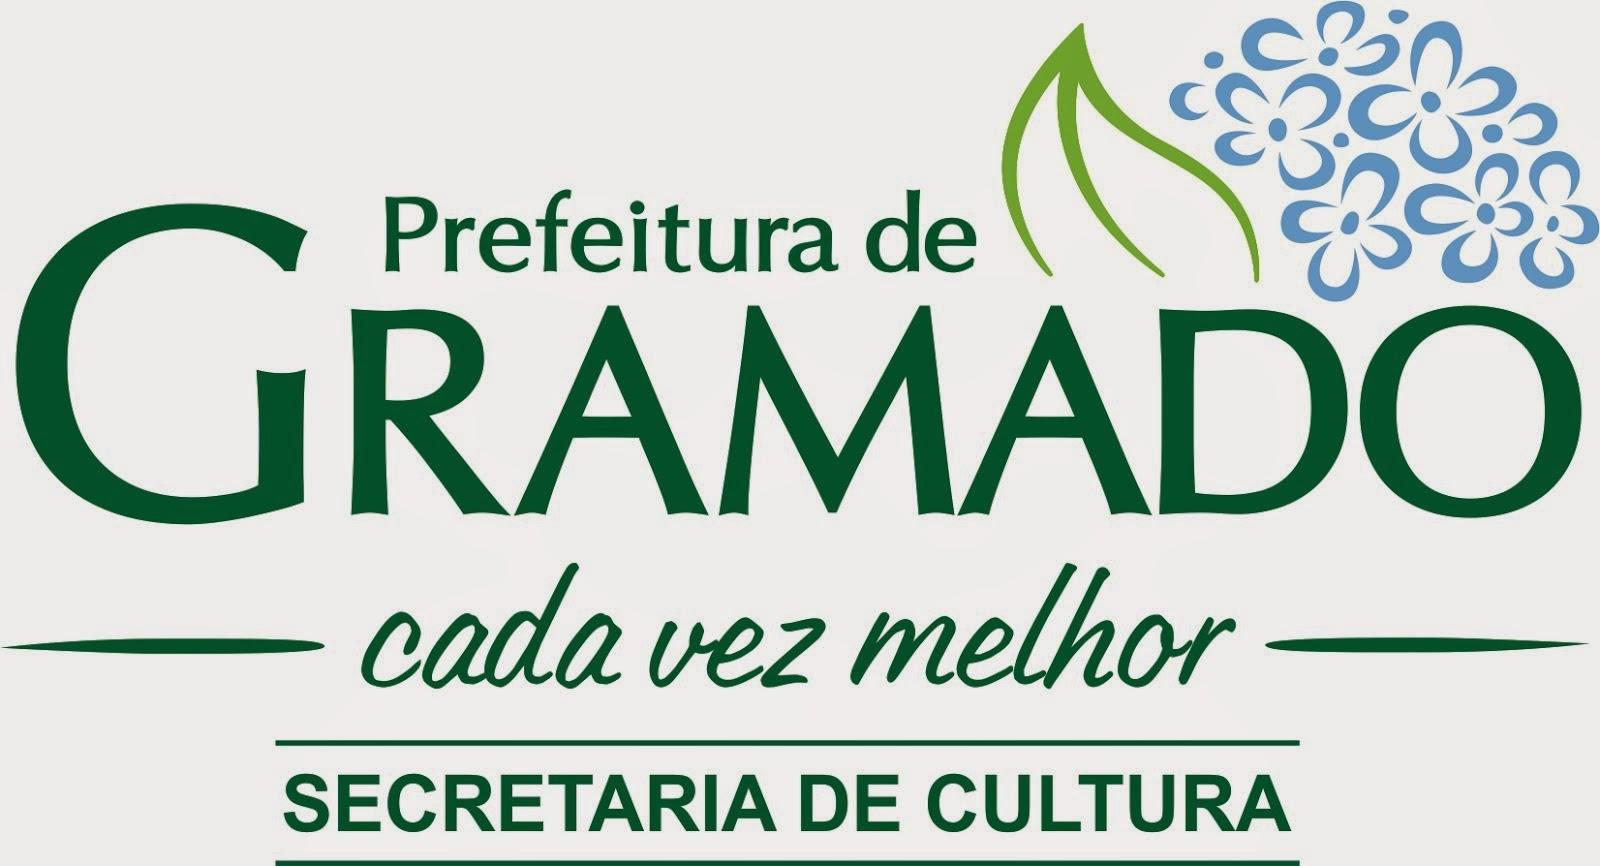 SECRETARIA DE CULTURA DE GRAMADO